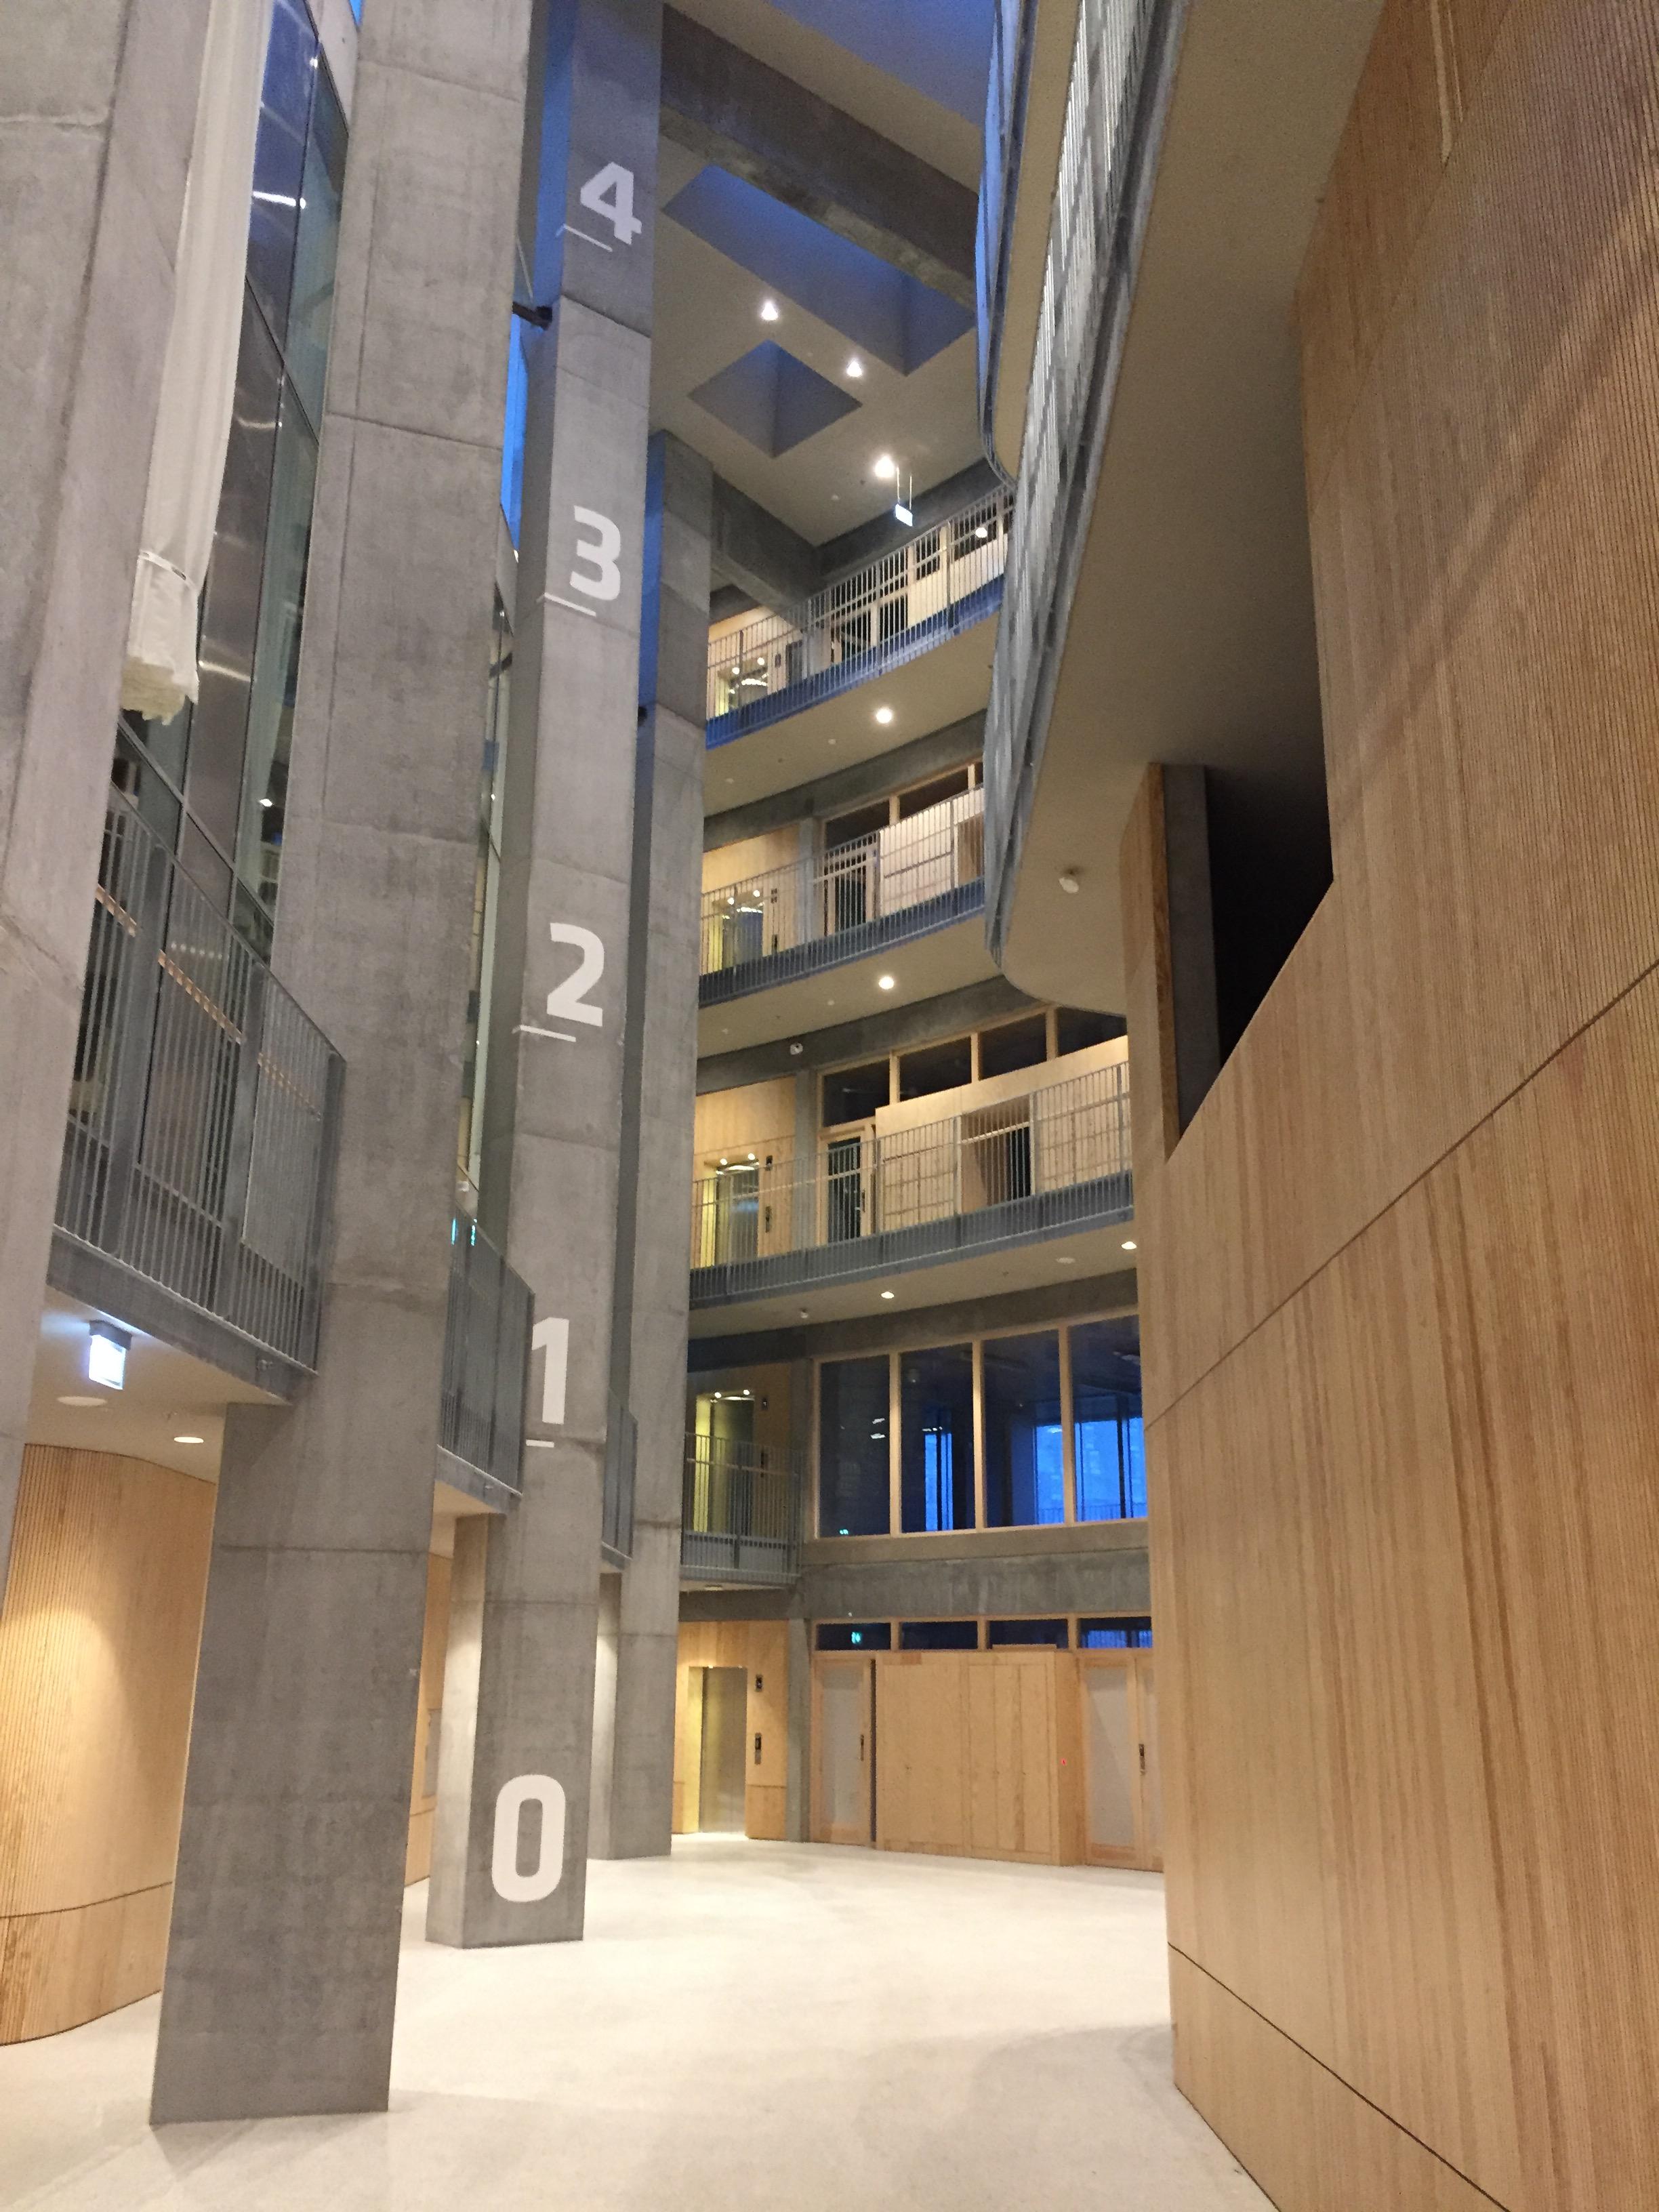 Kalvebod Fælled Skole står klar til eleverne - Building Supply DK